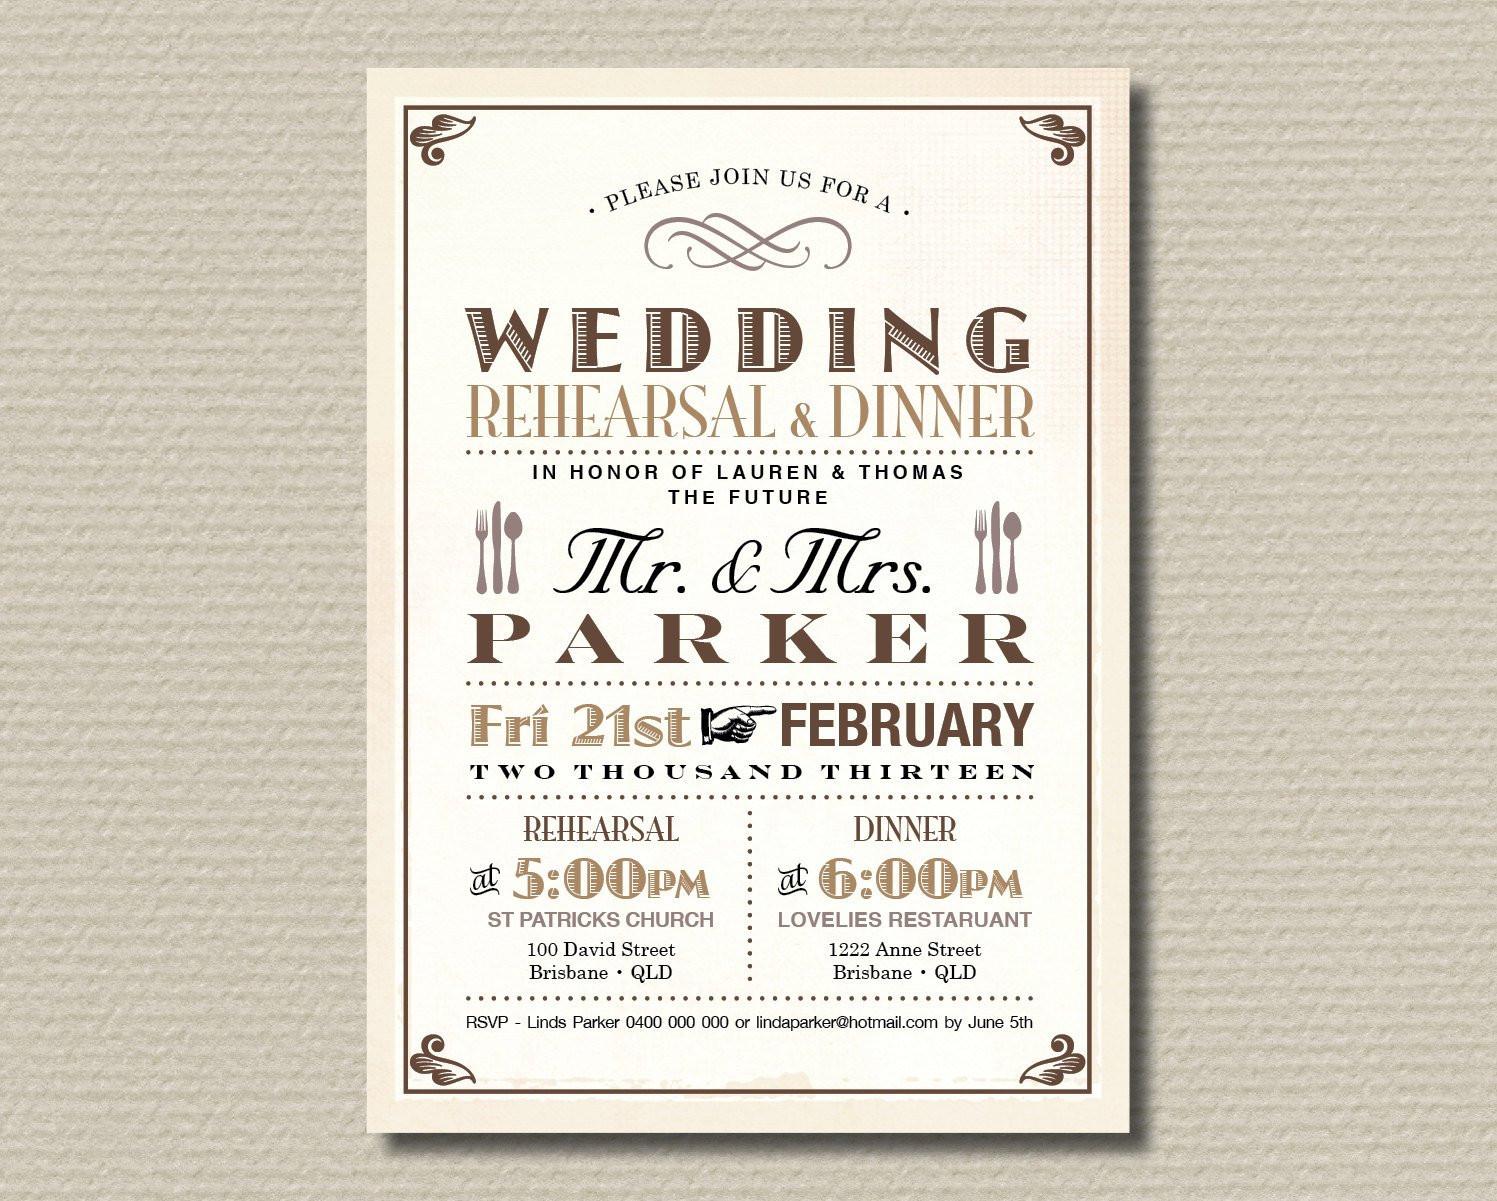 Wedding Rehearsal Dinner Invitations  Rehearsal Dinner Invitations Ideas